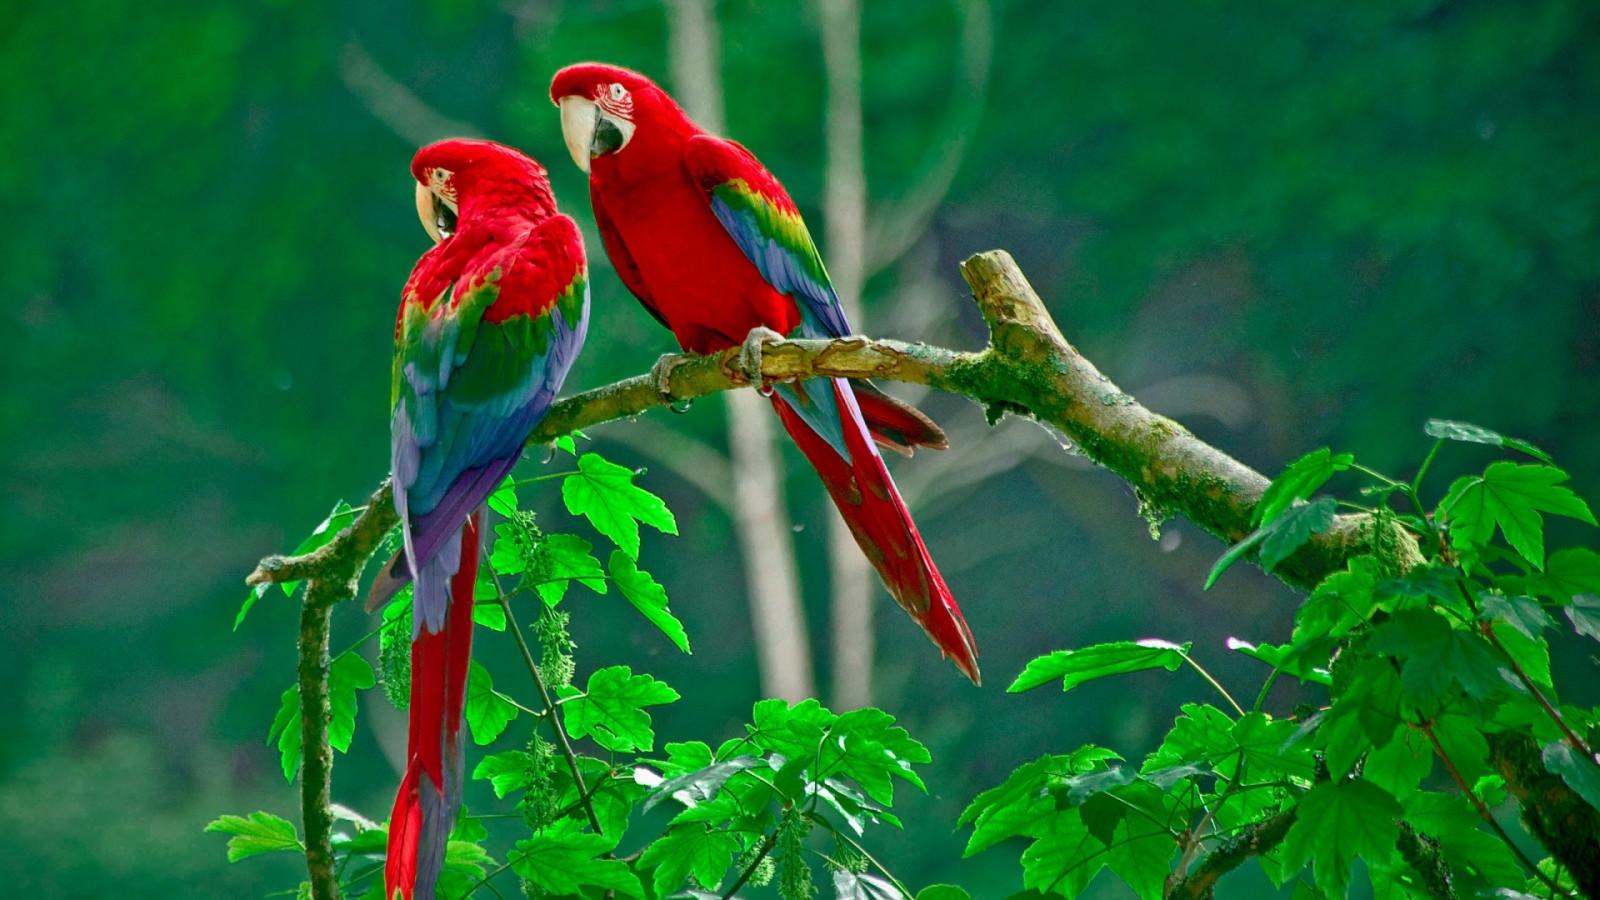 hintergrundbilder  tiere natur papagei ast grün